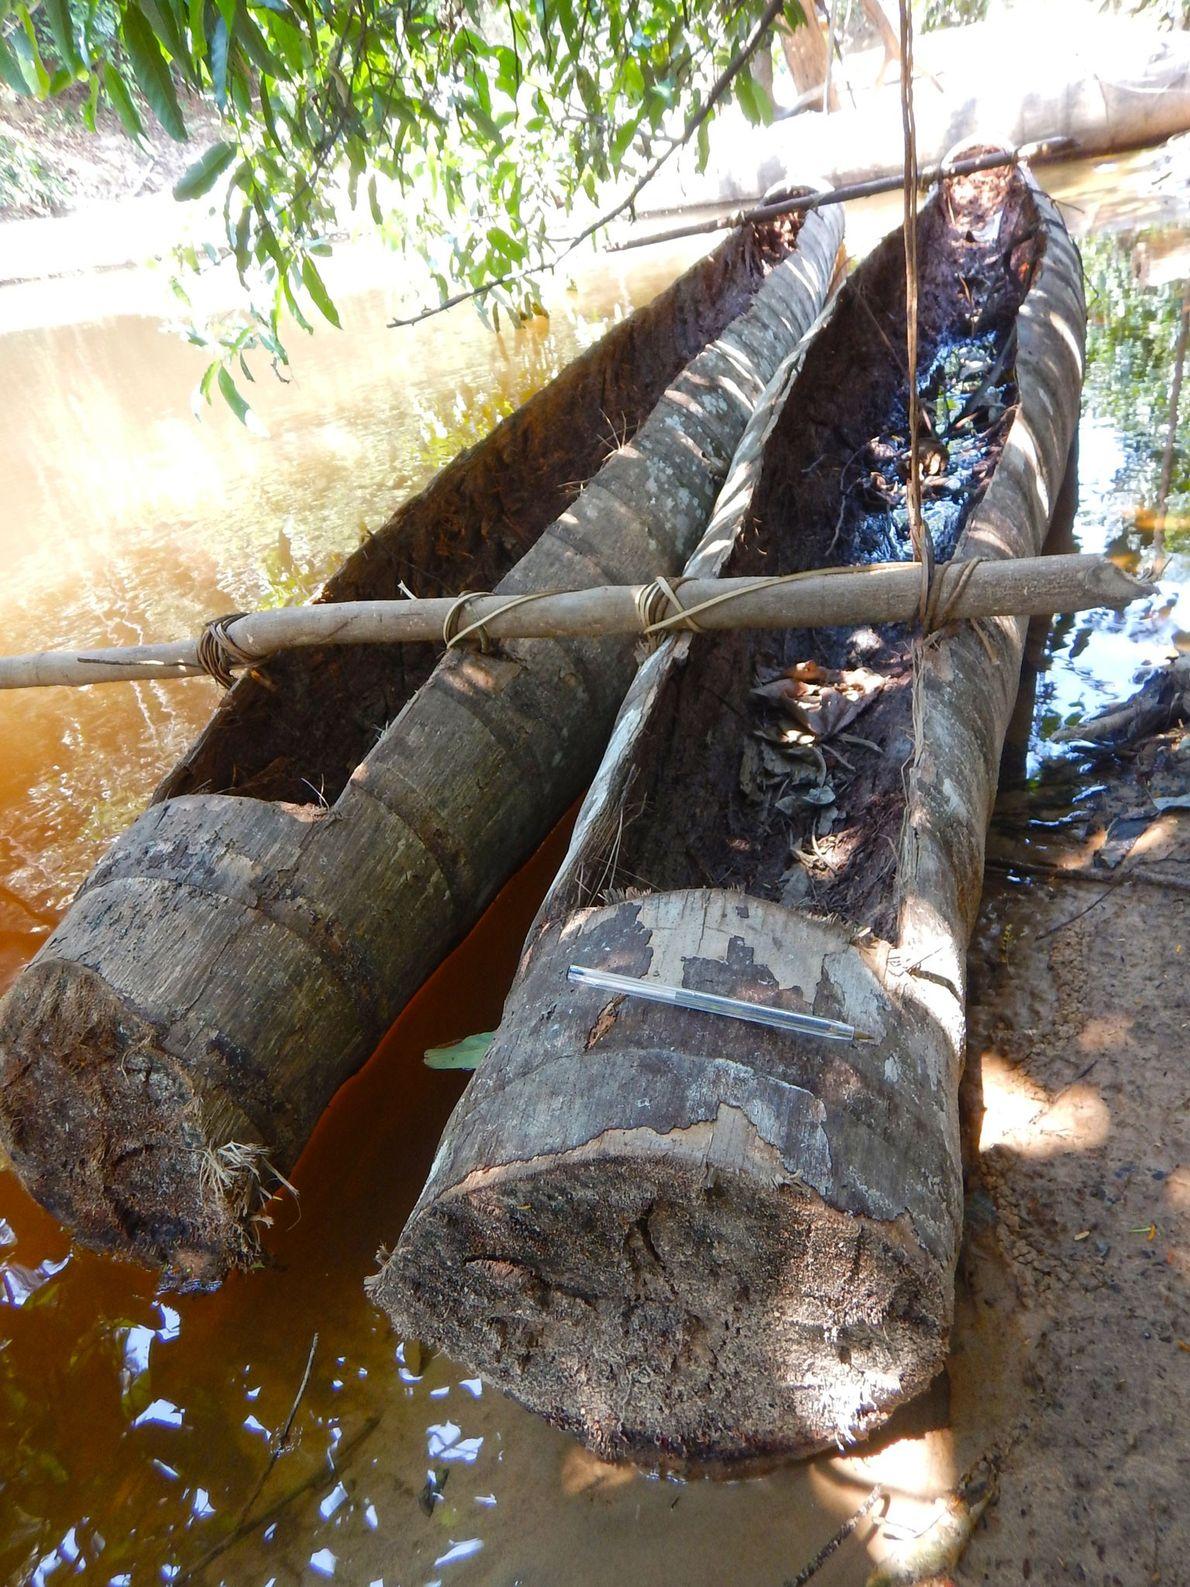 Deux canoës à l'apparence rudimentaire utilisés par les Flecheiros accostés sur la rive de la rivière ...